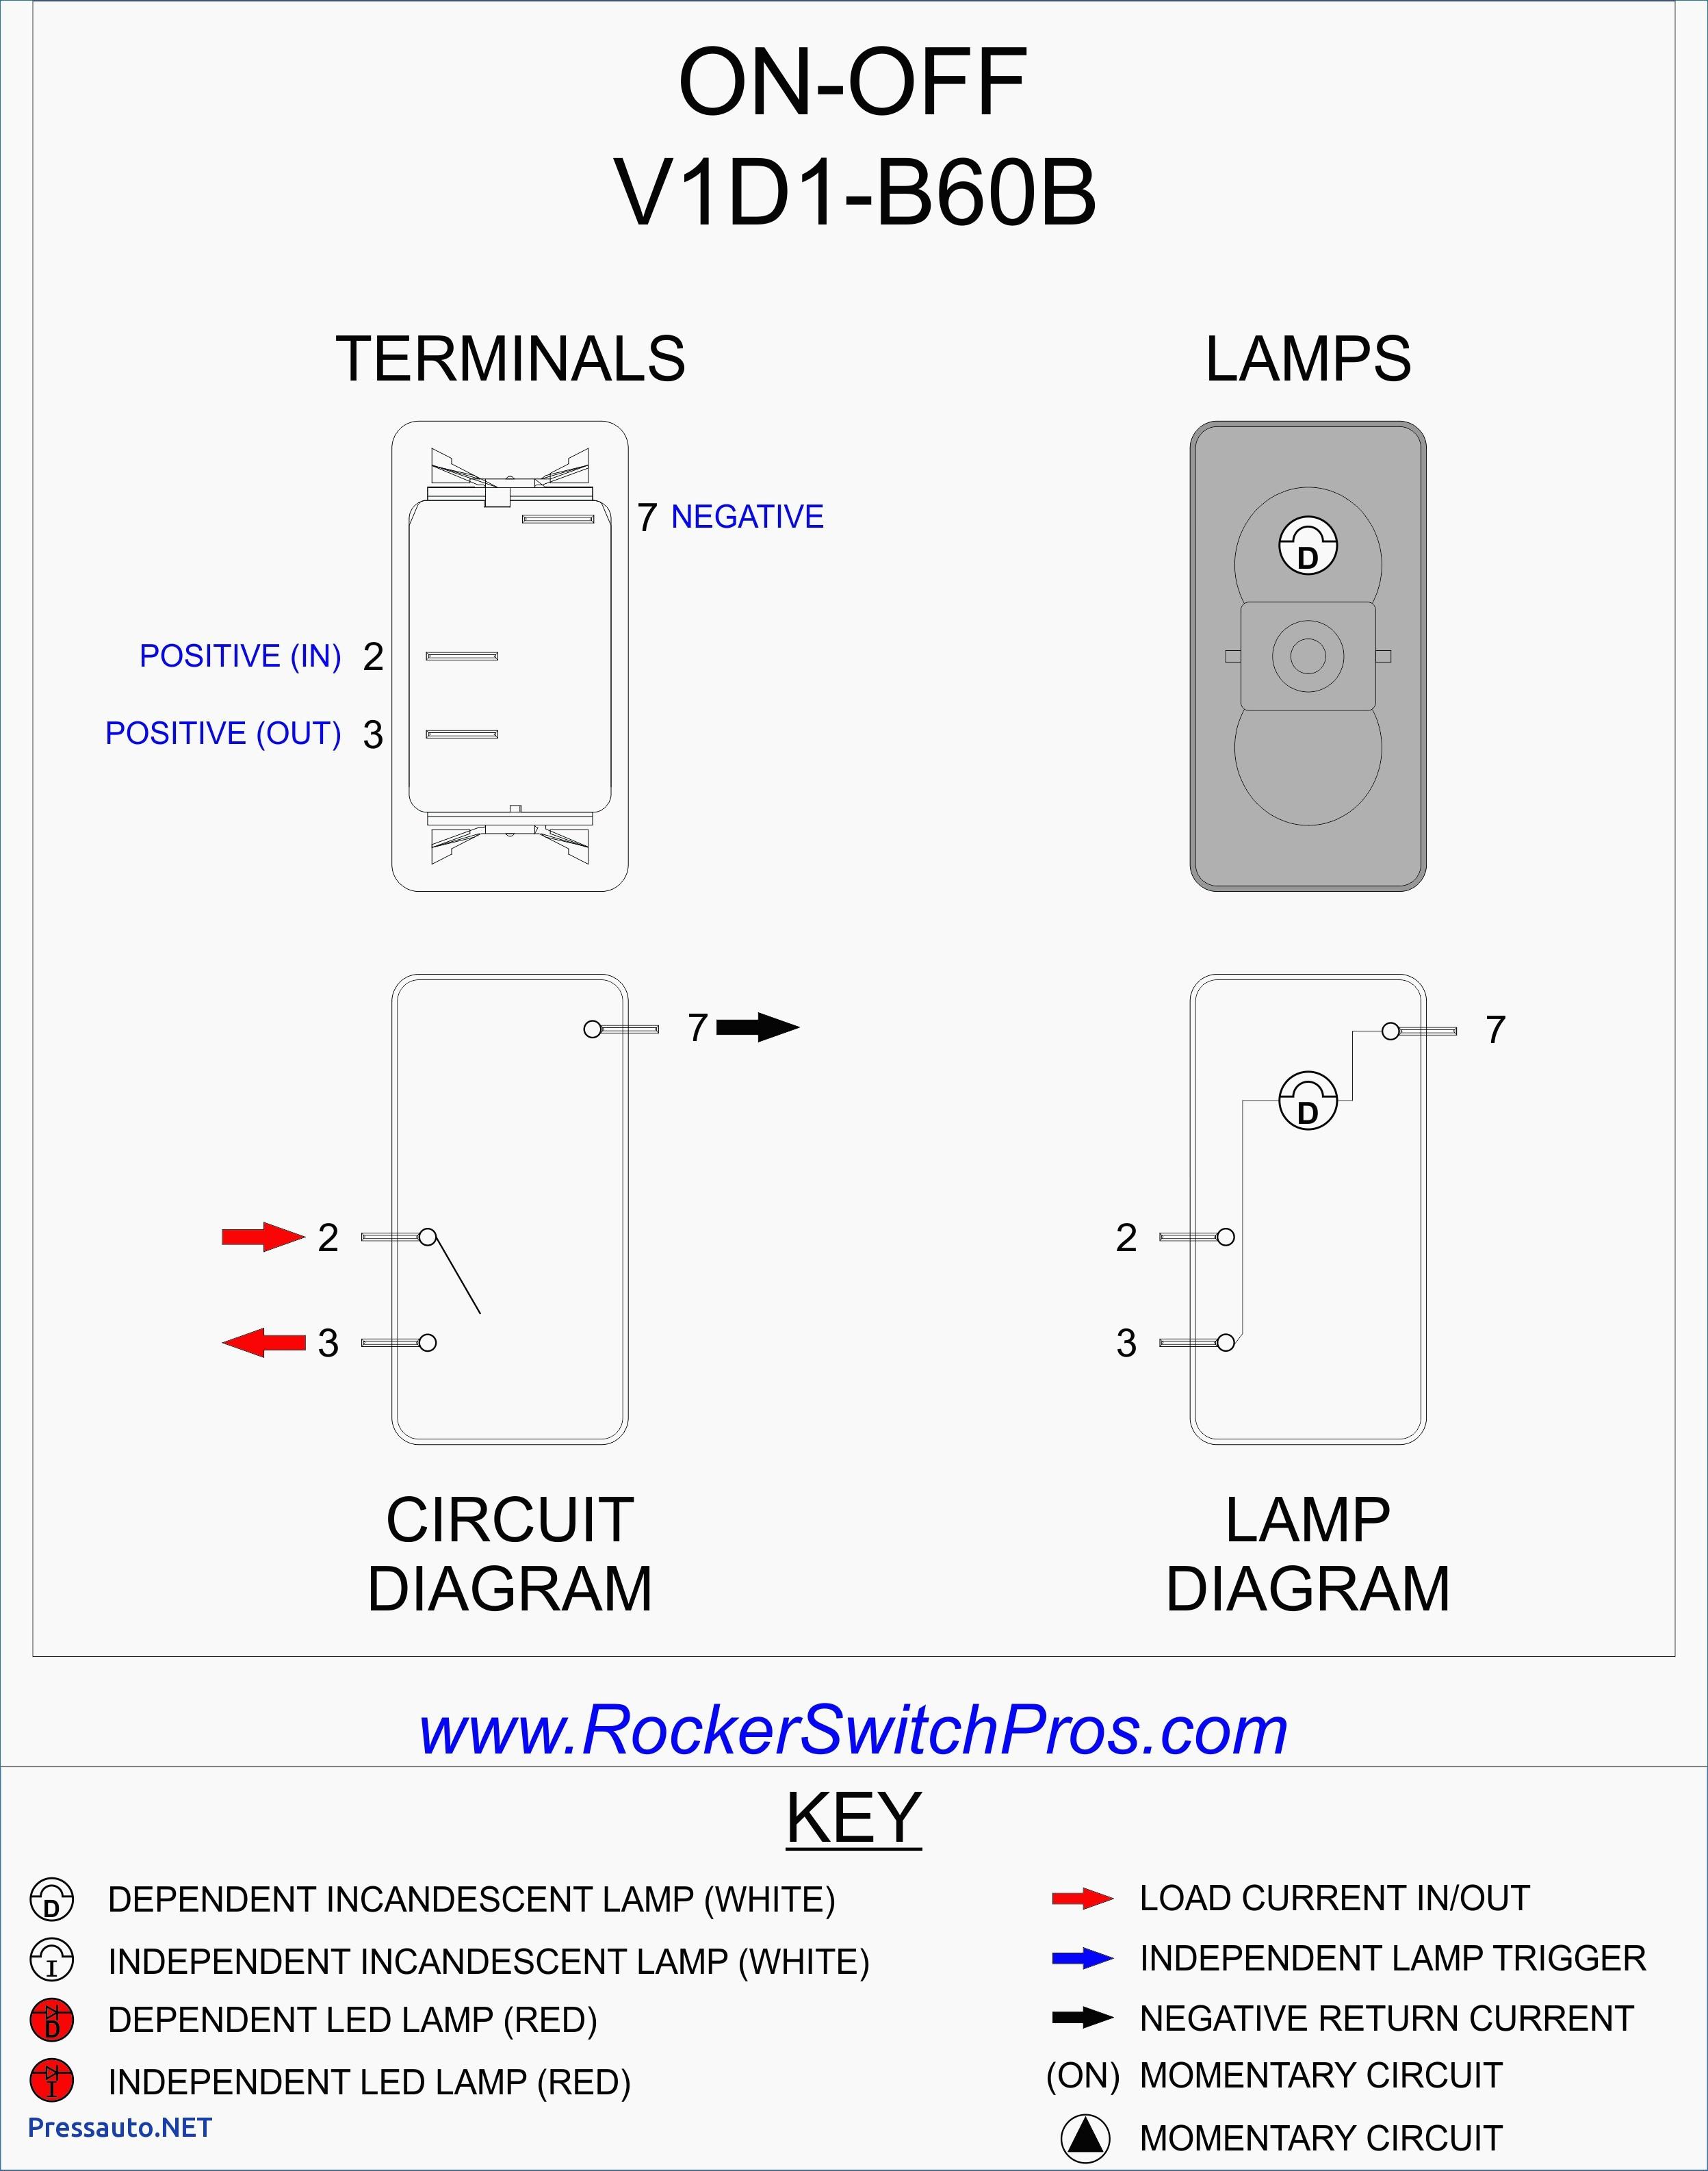 spdt rocker switch wiring diagram Collection-Dpdt Switch Wiring Diagram  Guitar New Dpdt Switch Wiring